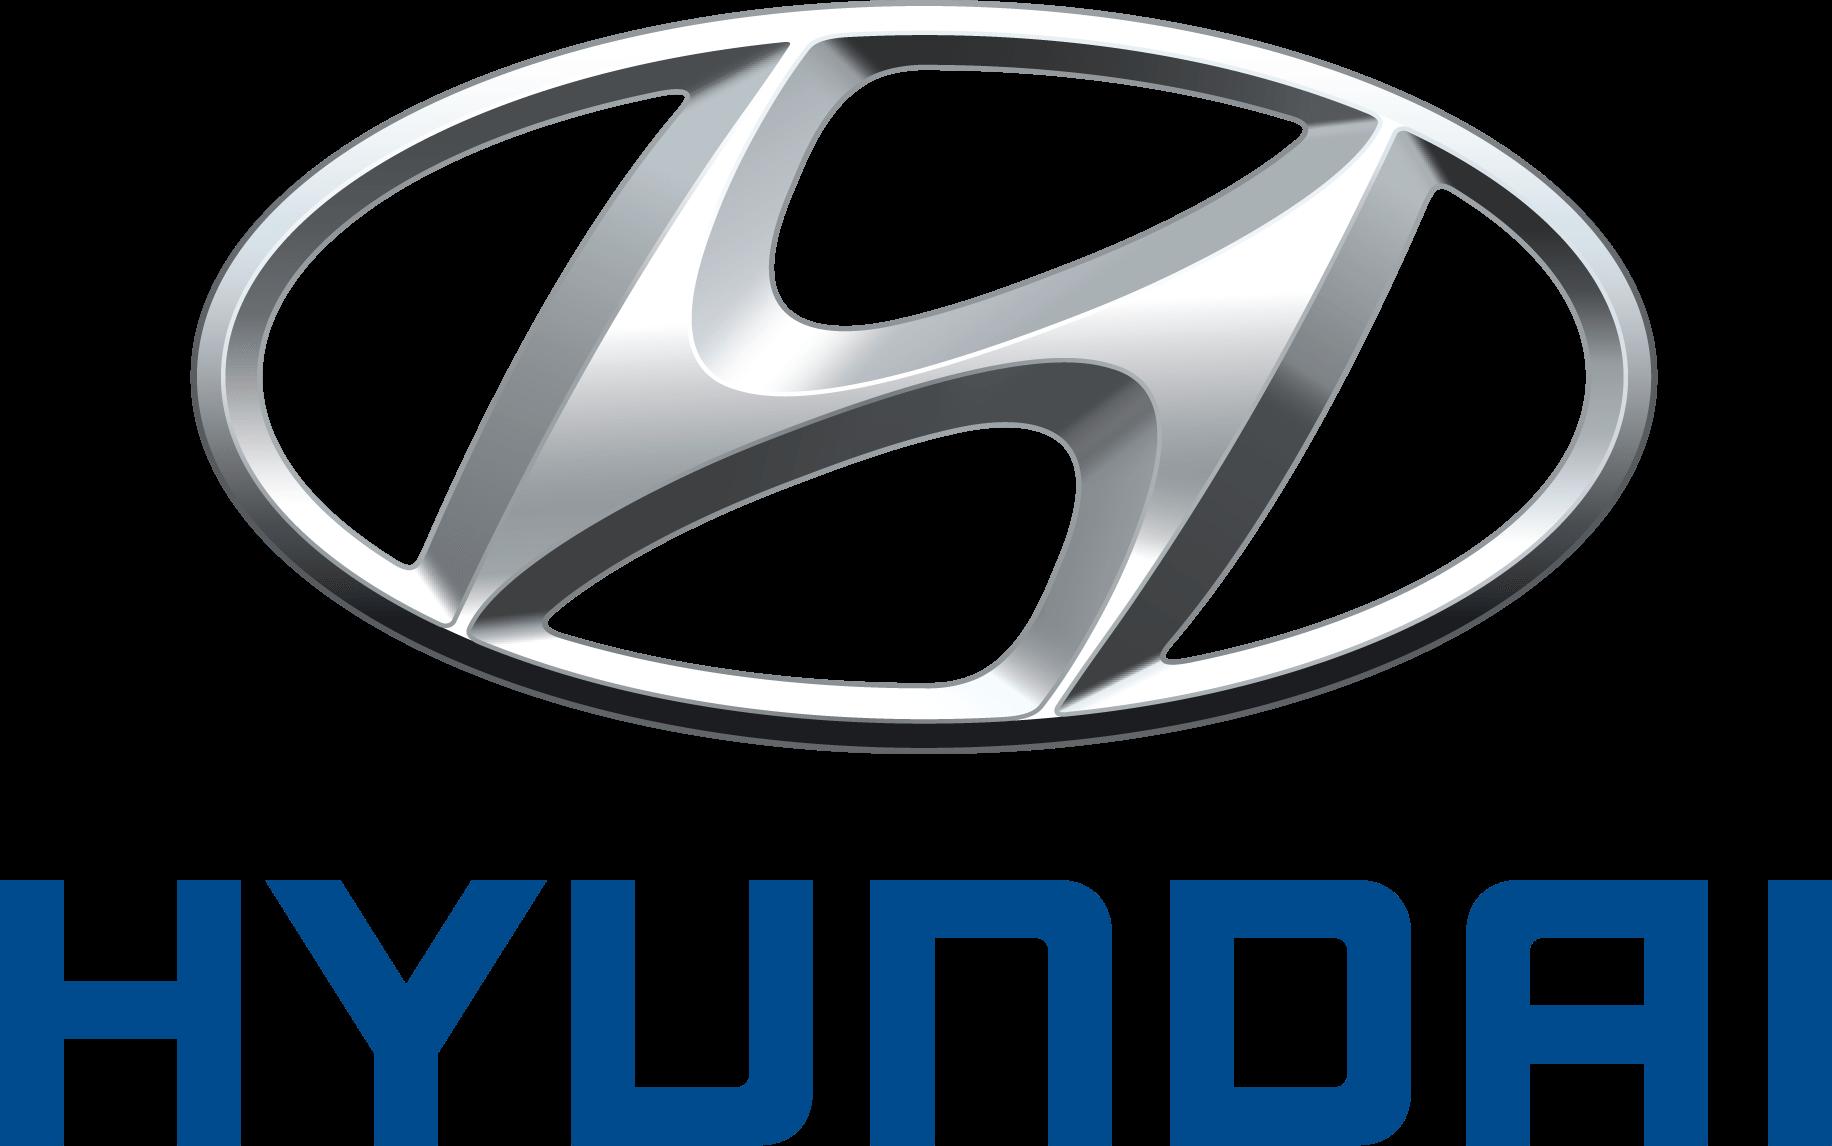 Excalibur Auto Body Works on Hyundai